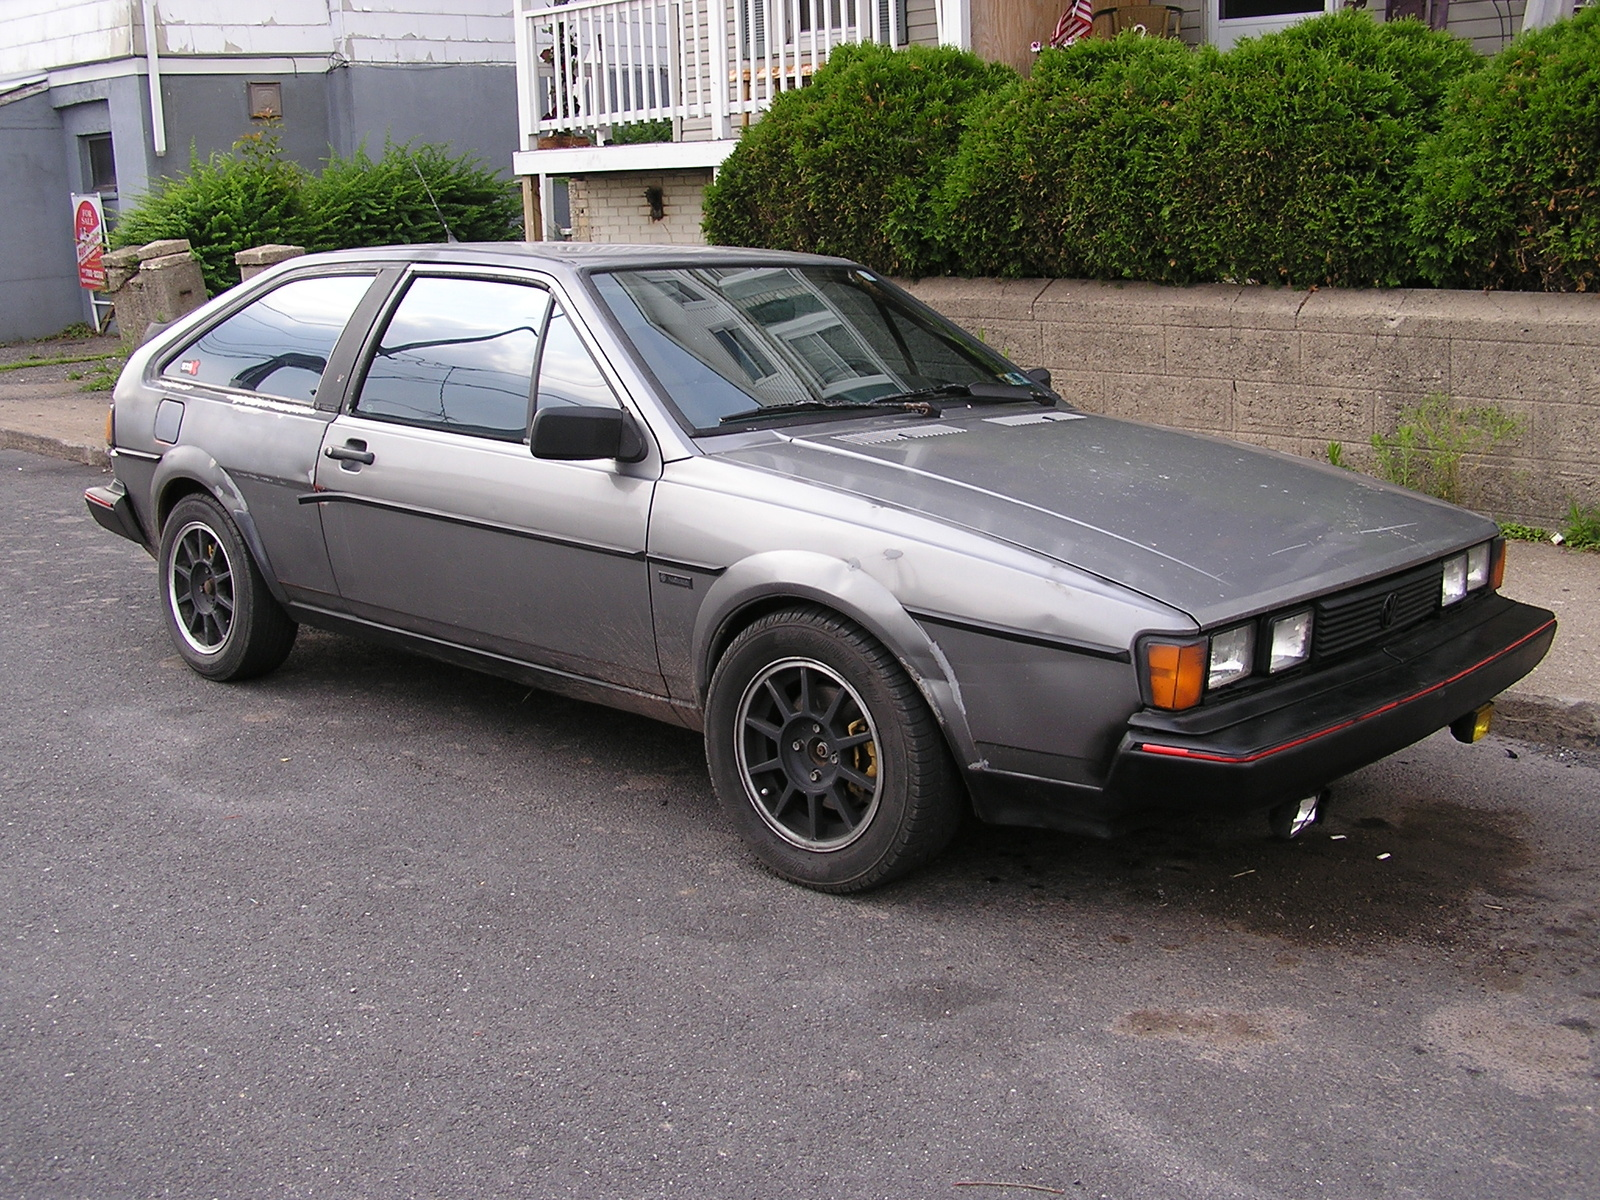 1984 volkswagen scirocco pictures cargurus